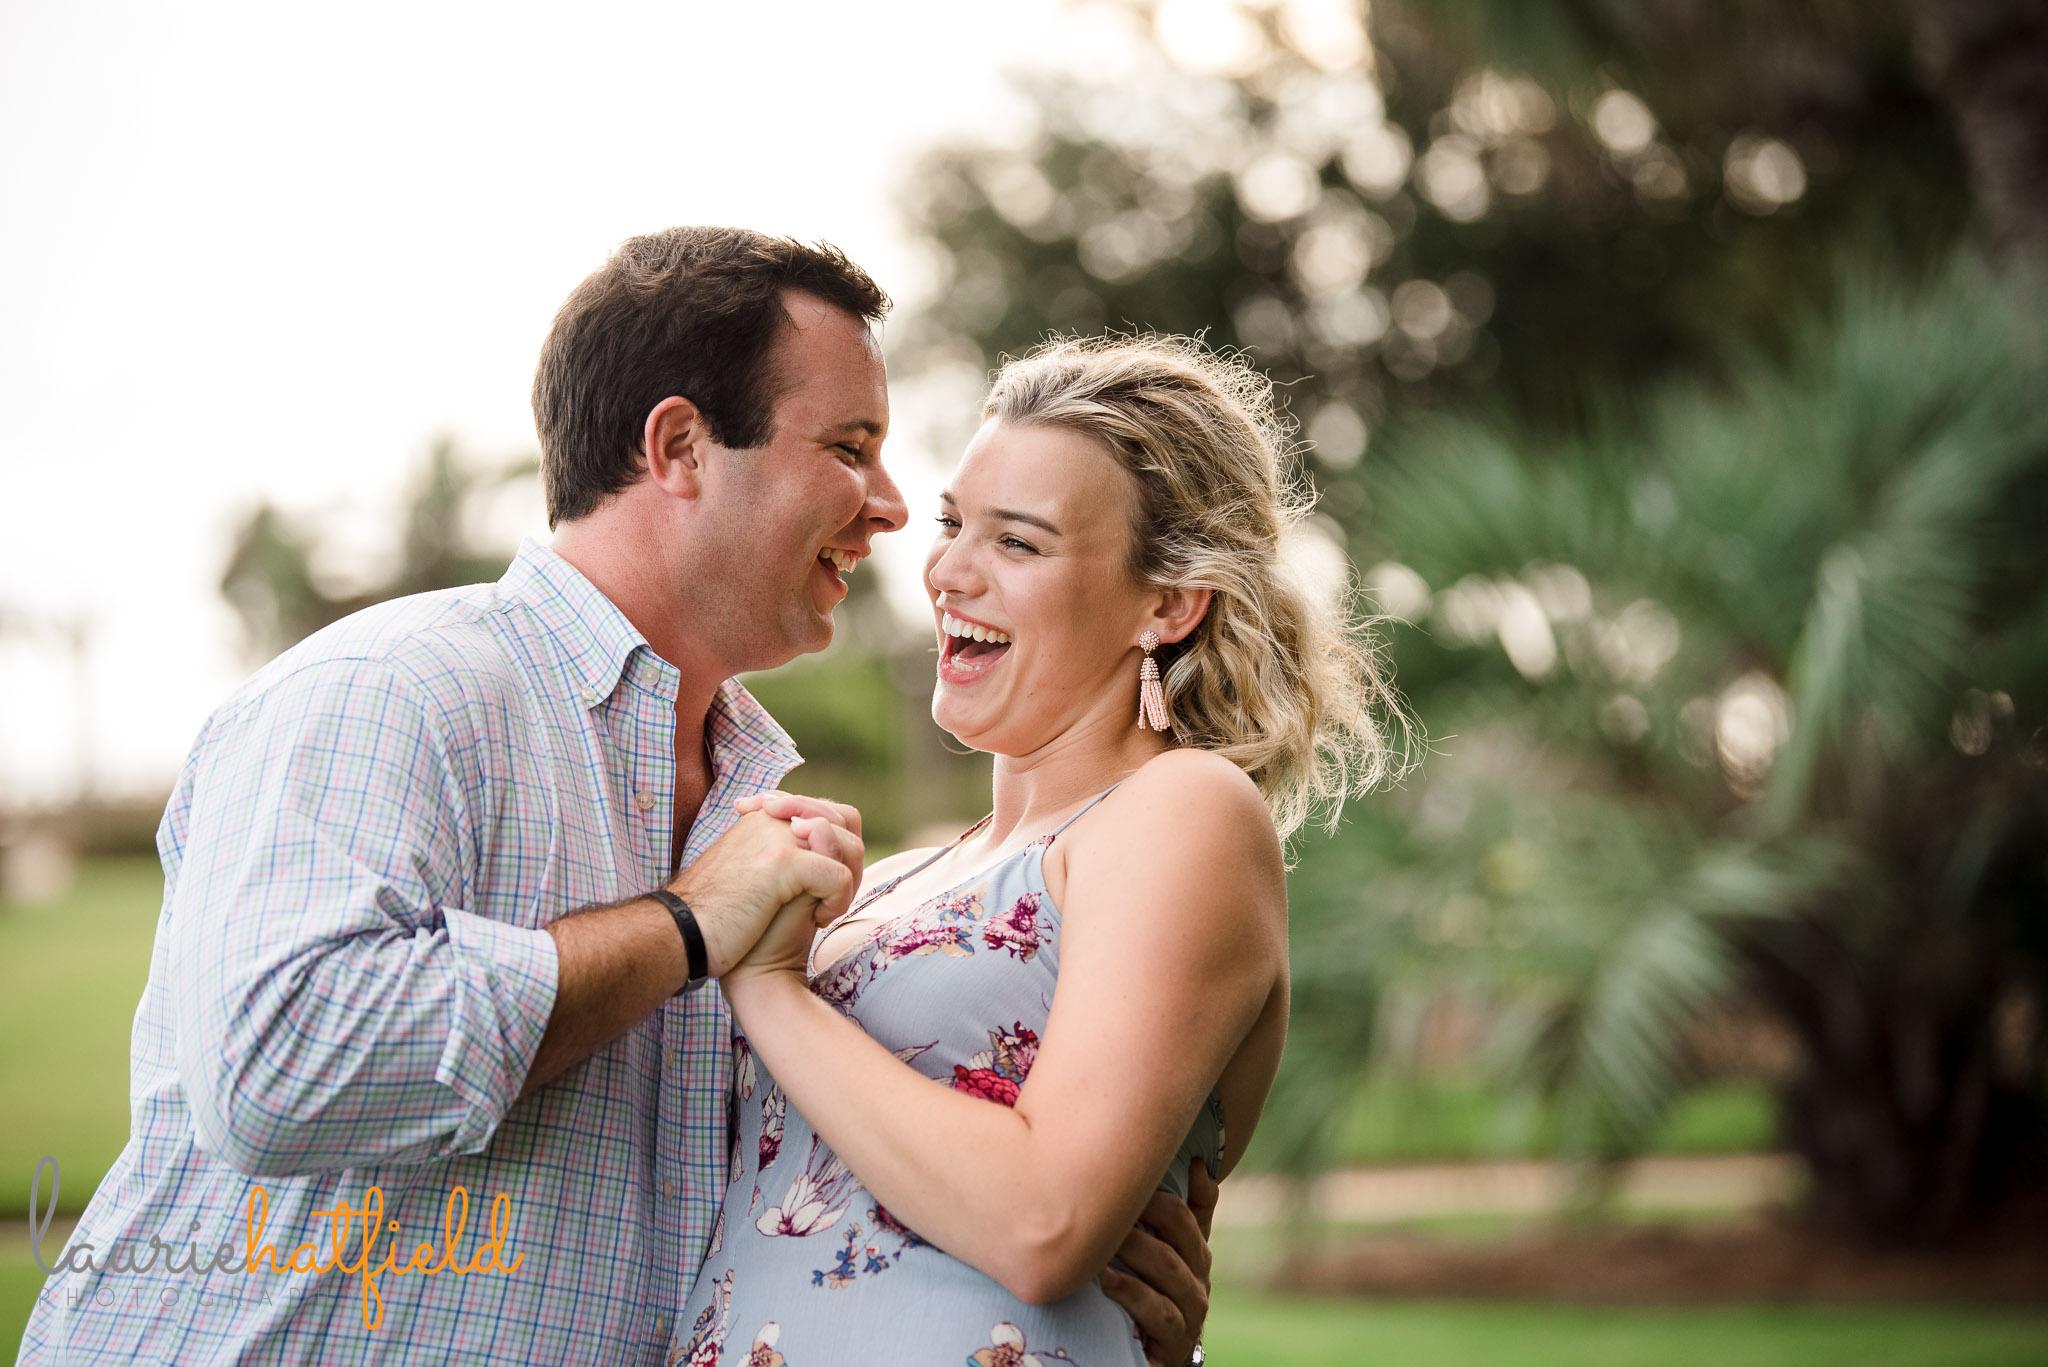 couple dancing after engagement Fairhope Pier | Mobile AL proposal photographer